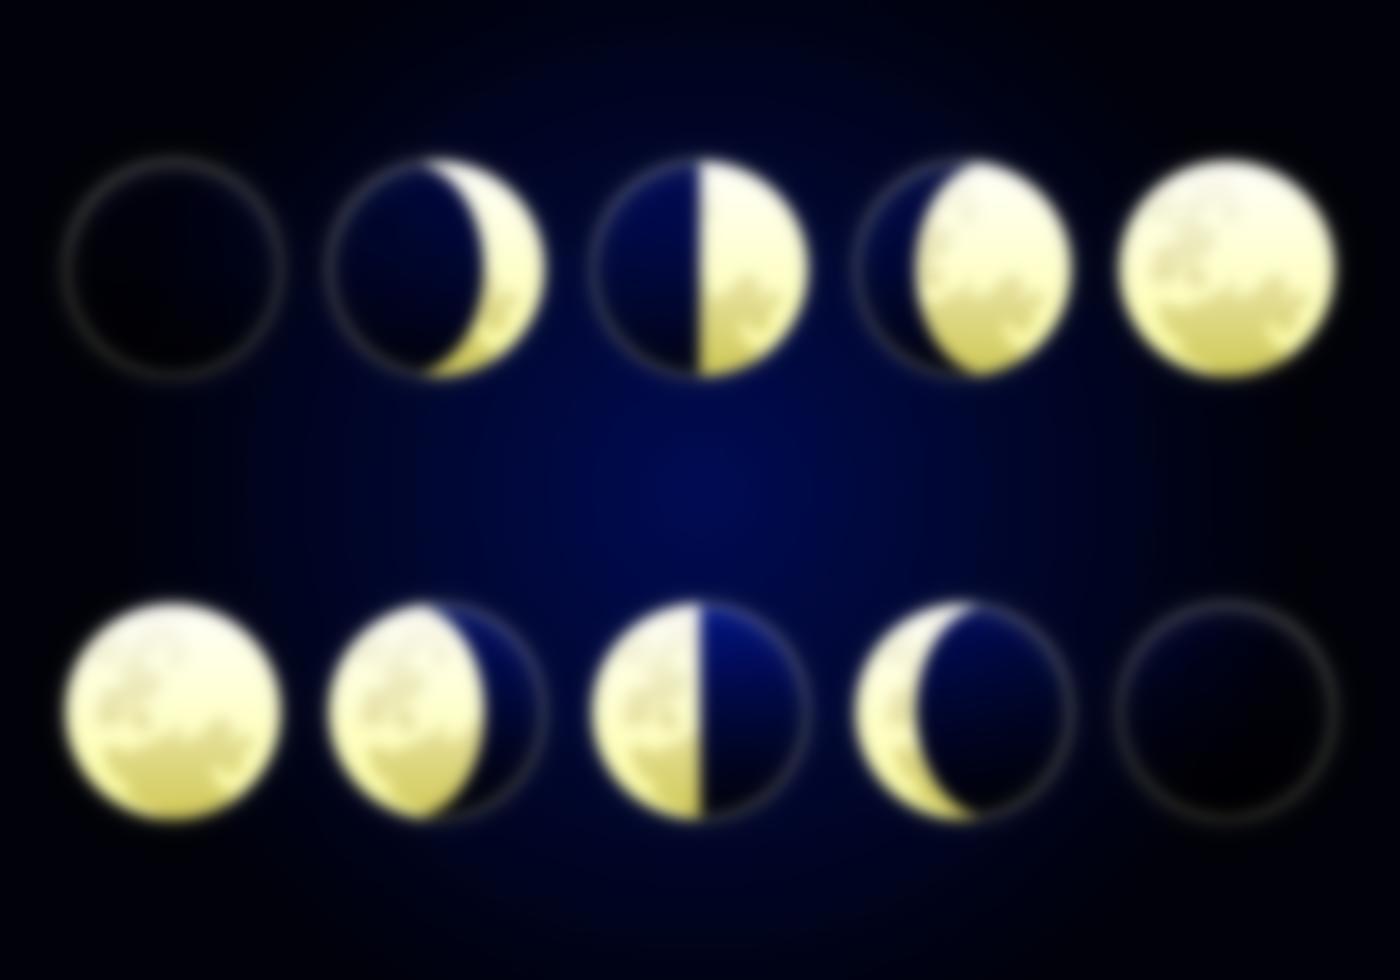 доме картинка новолуние рост луны карнизы плинтусы также